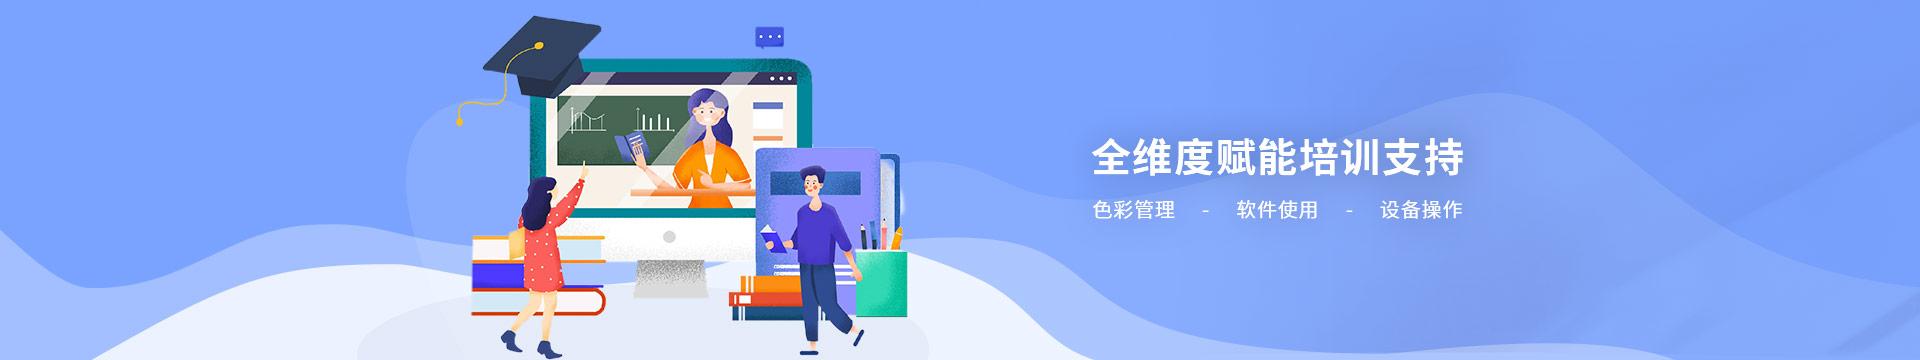 上海策天-全维度赋能培训支持,色彩管理,软件使用、设备操作